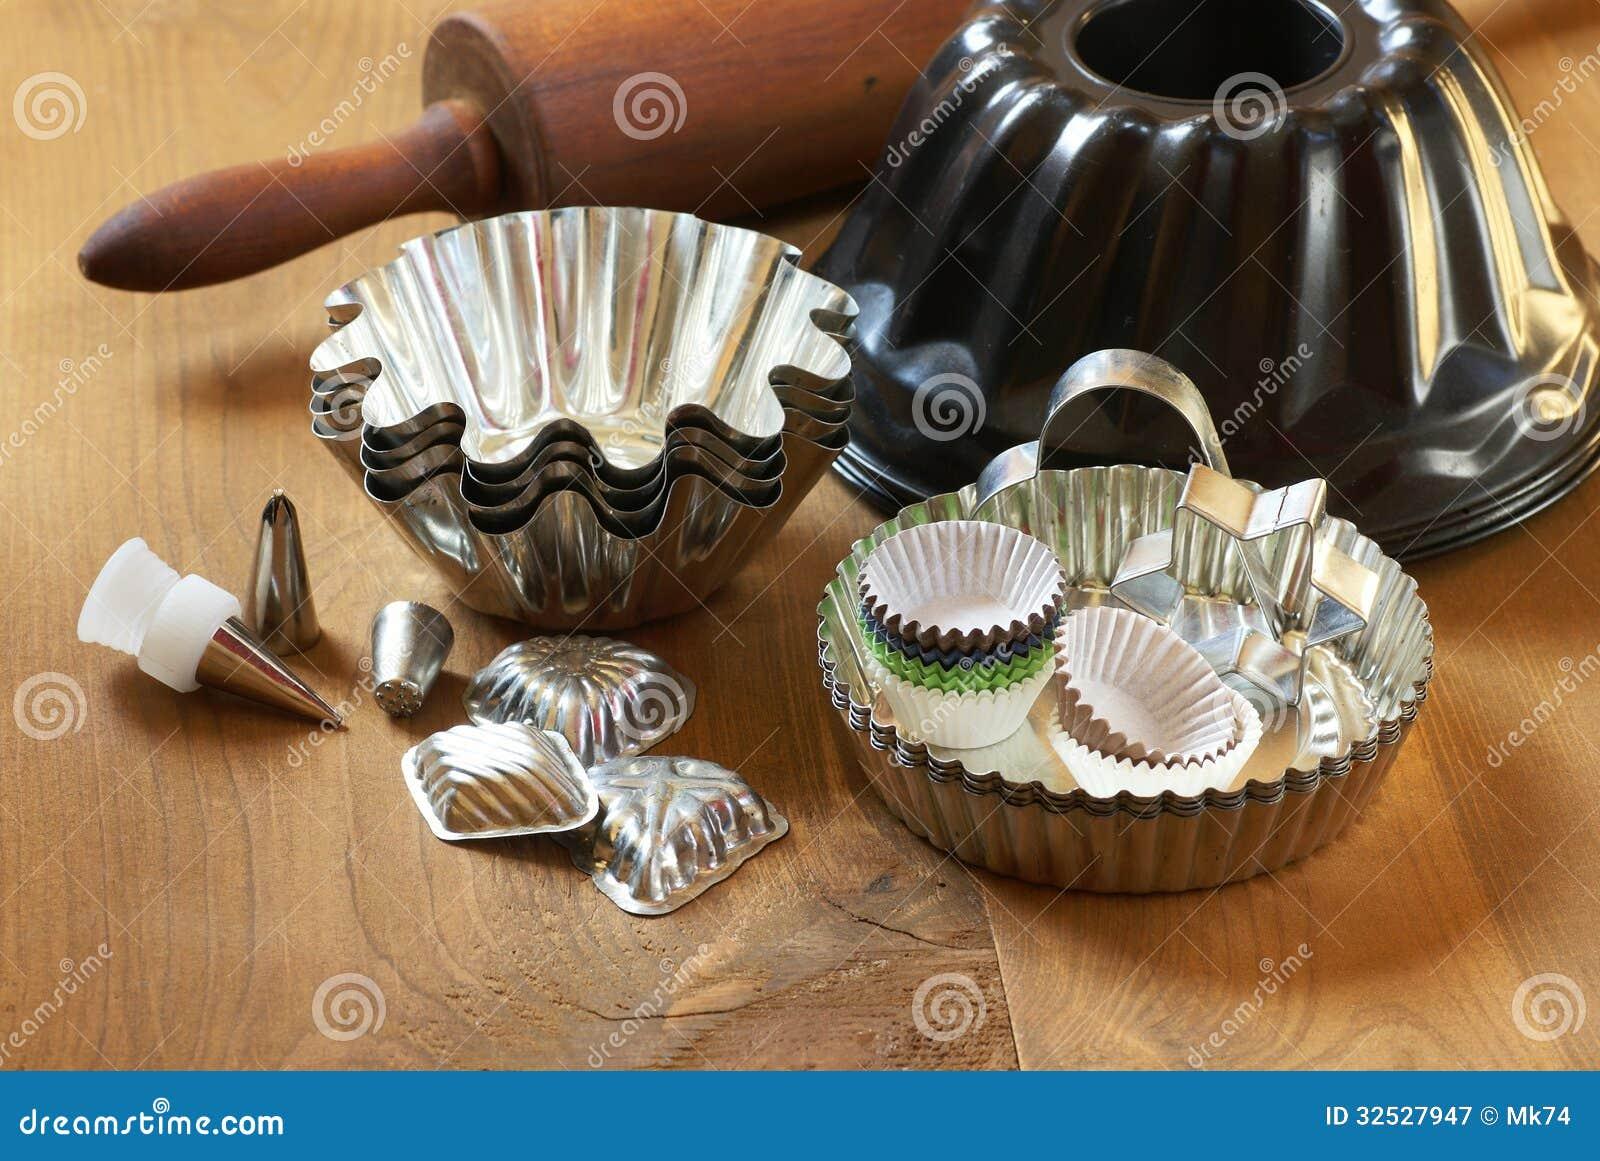 Baking equipment stock image. Image of cake, life, baking ...